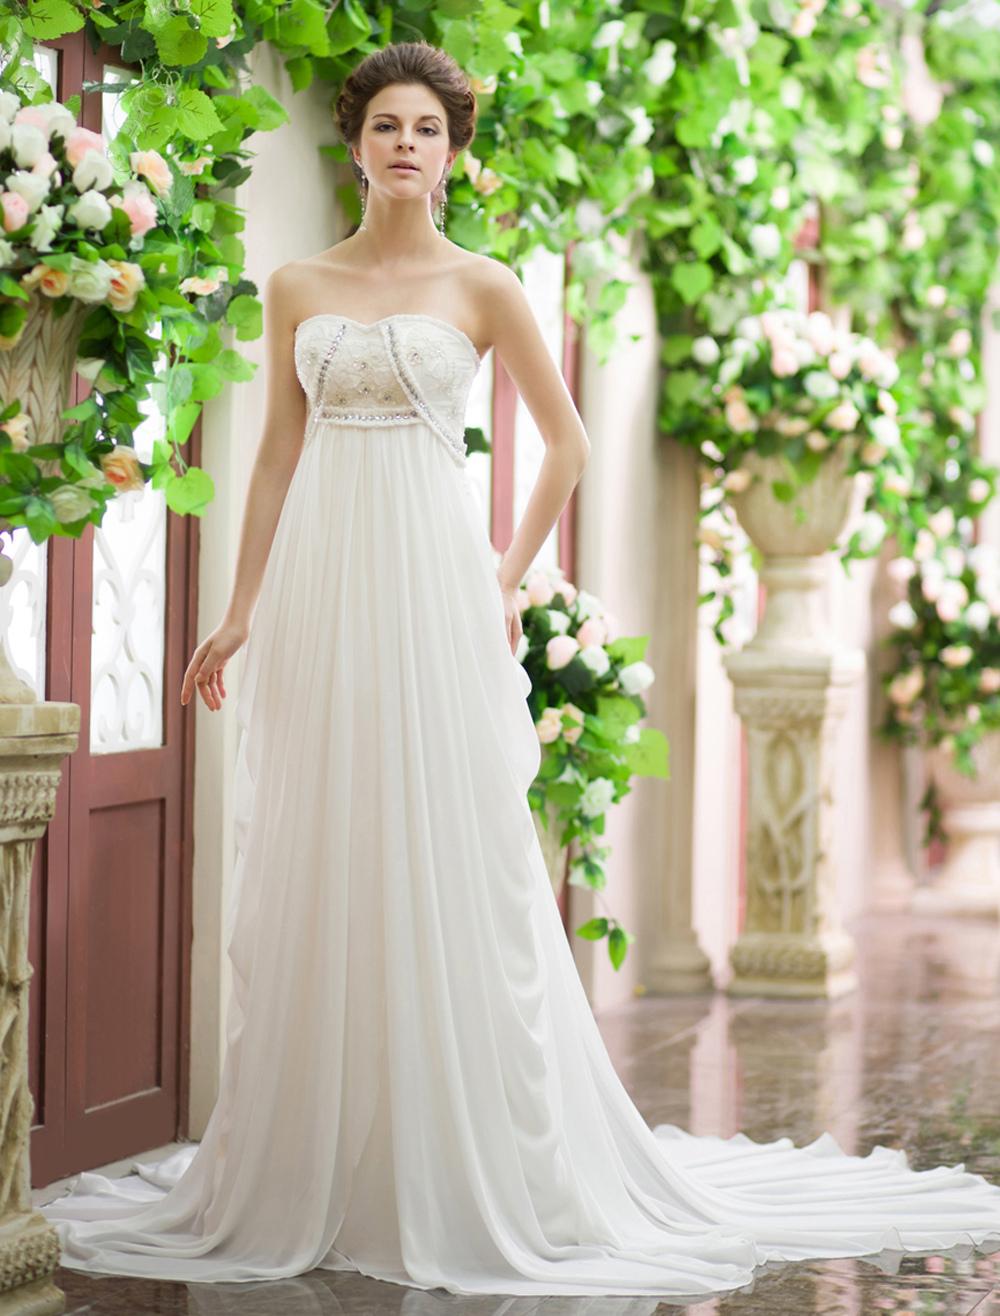 05a6d279c Vestido de novia de chifón de color marfil sin tirantes con bordado para  playas Milanoo - Milanoo.com